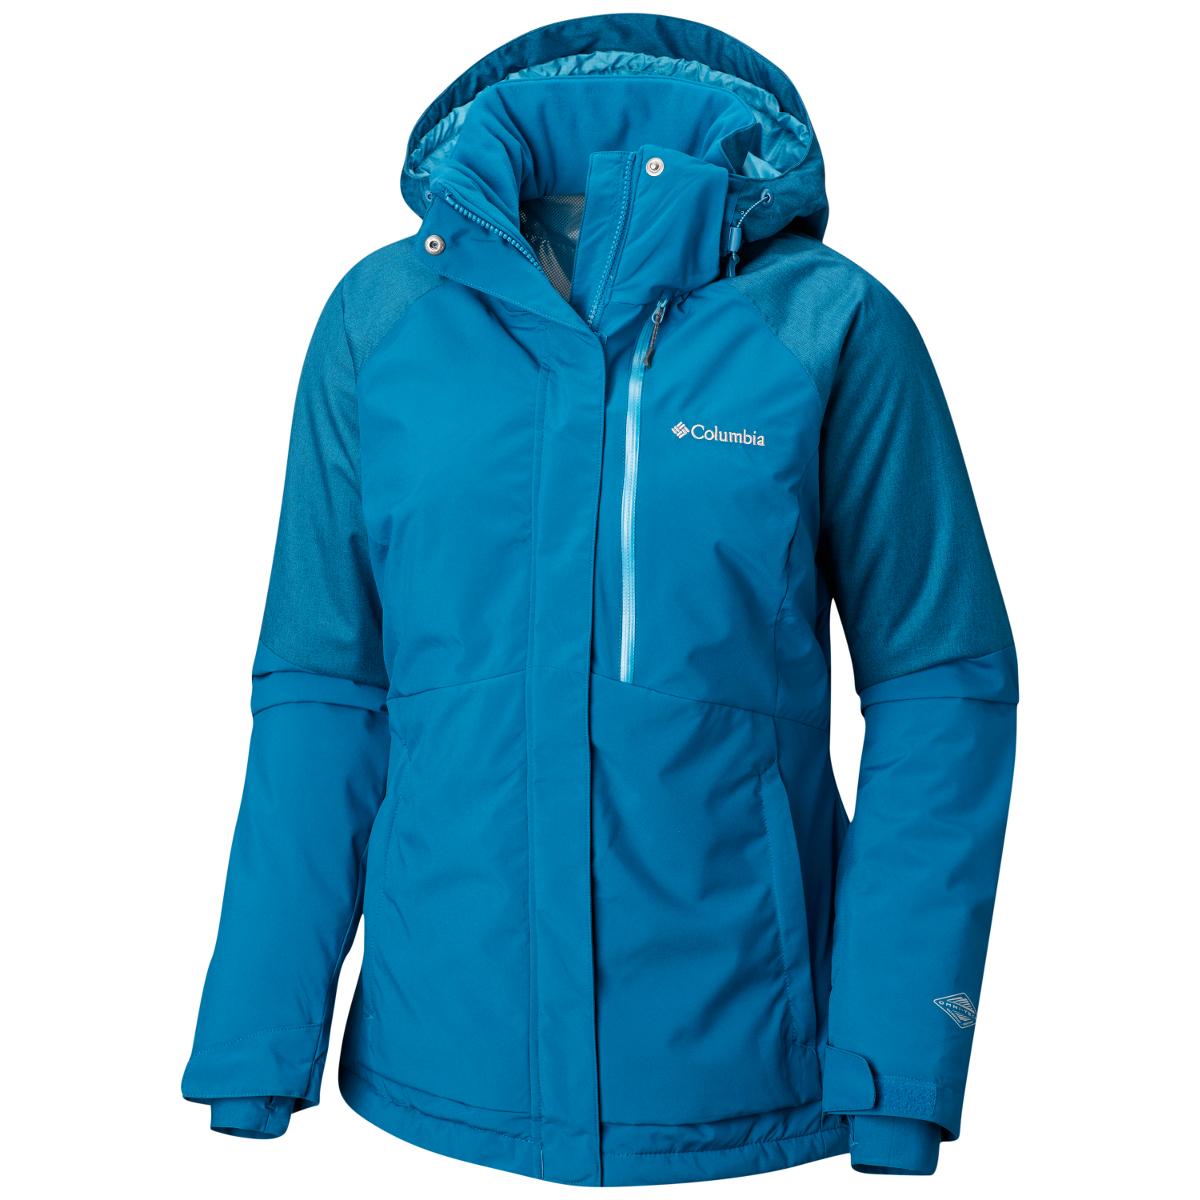 Columbia Women's Wildside Jacket - Blue, M